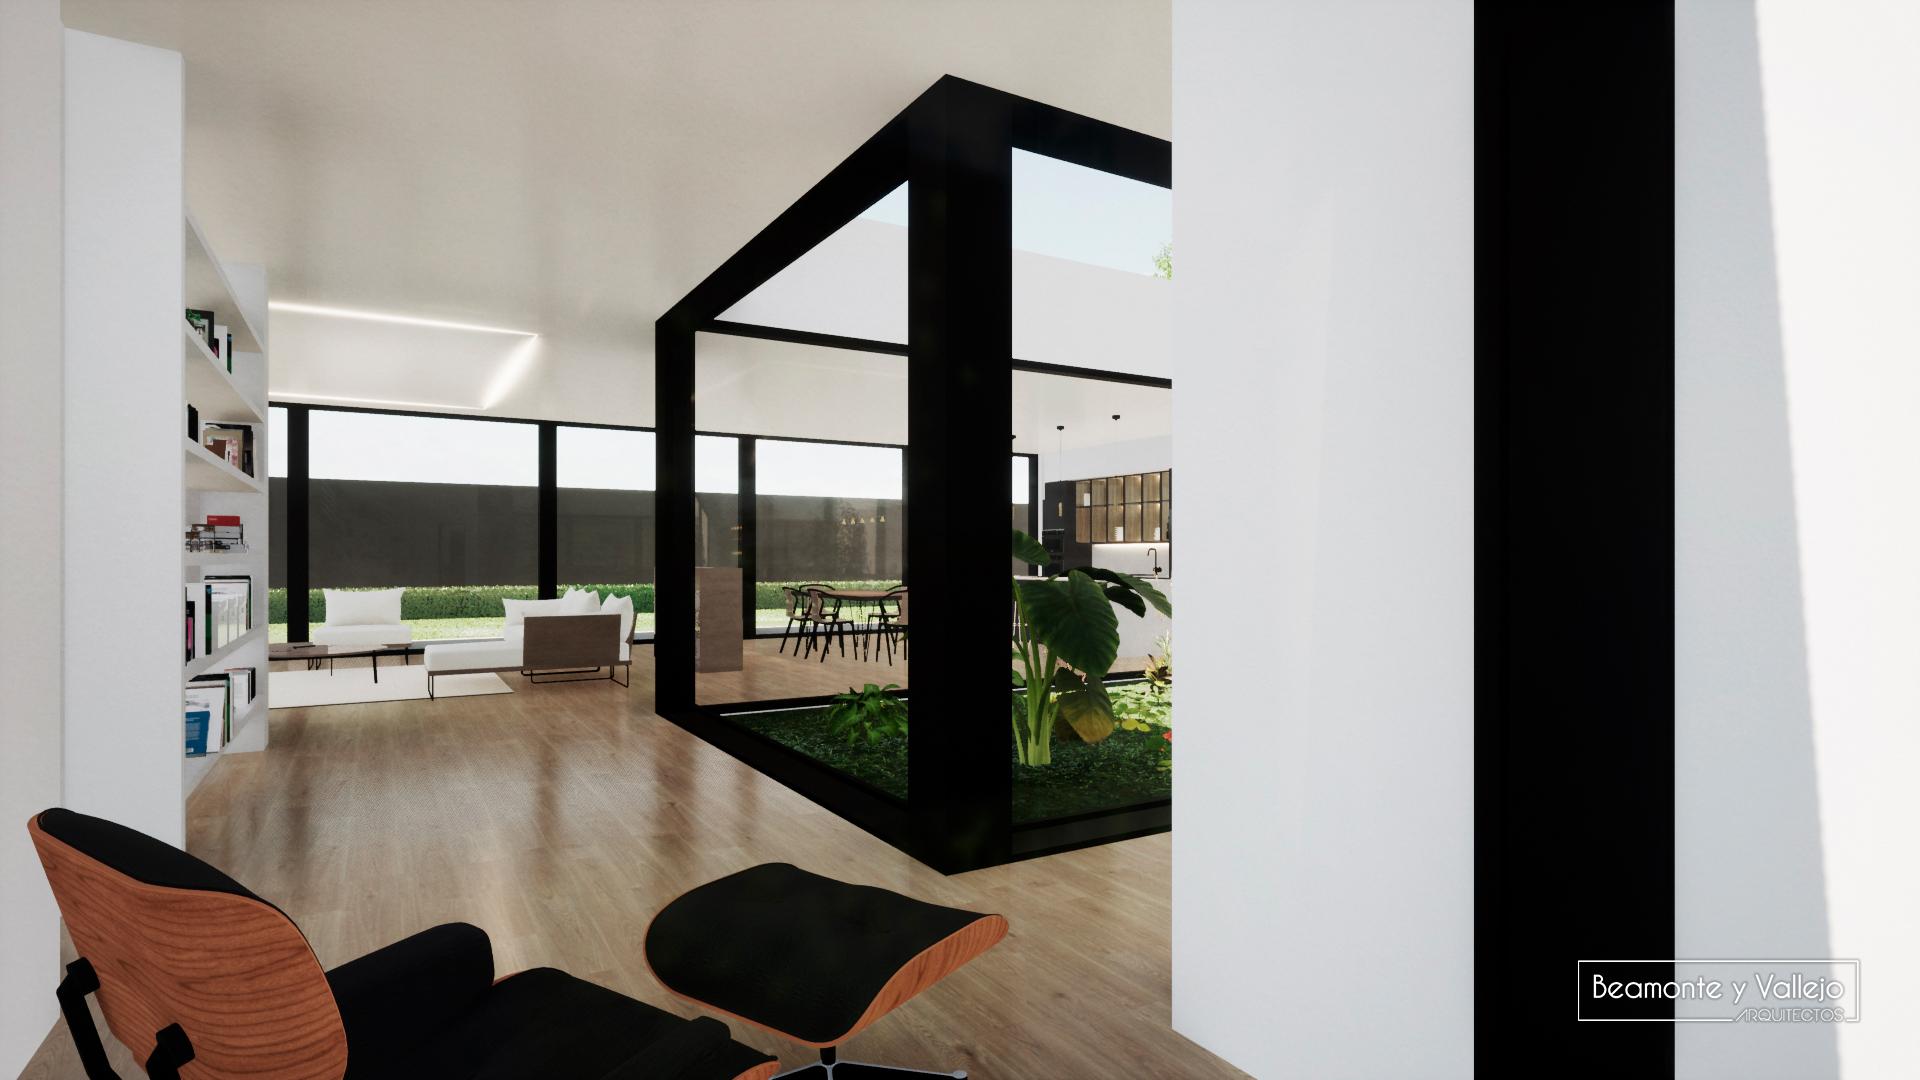 Beamonte y Vallejo Arquitectos - Passivhaus Zorongo I - 8